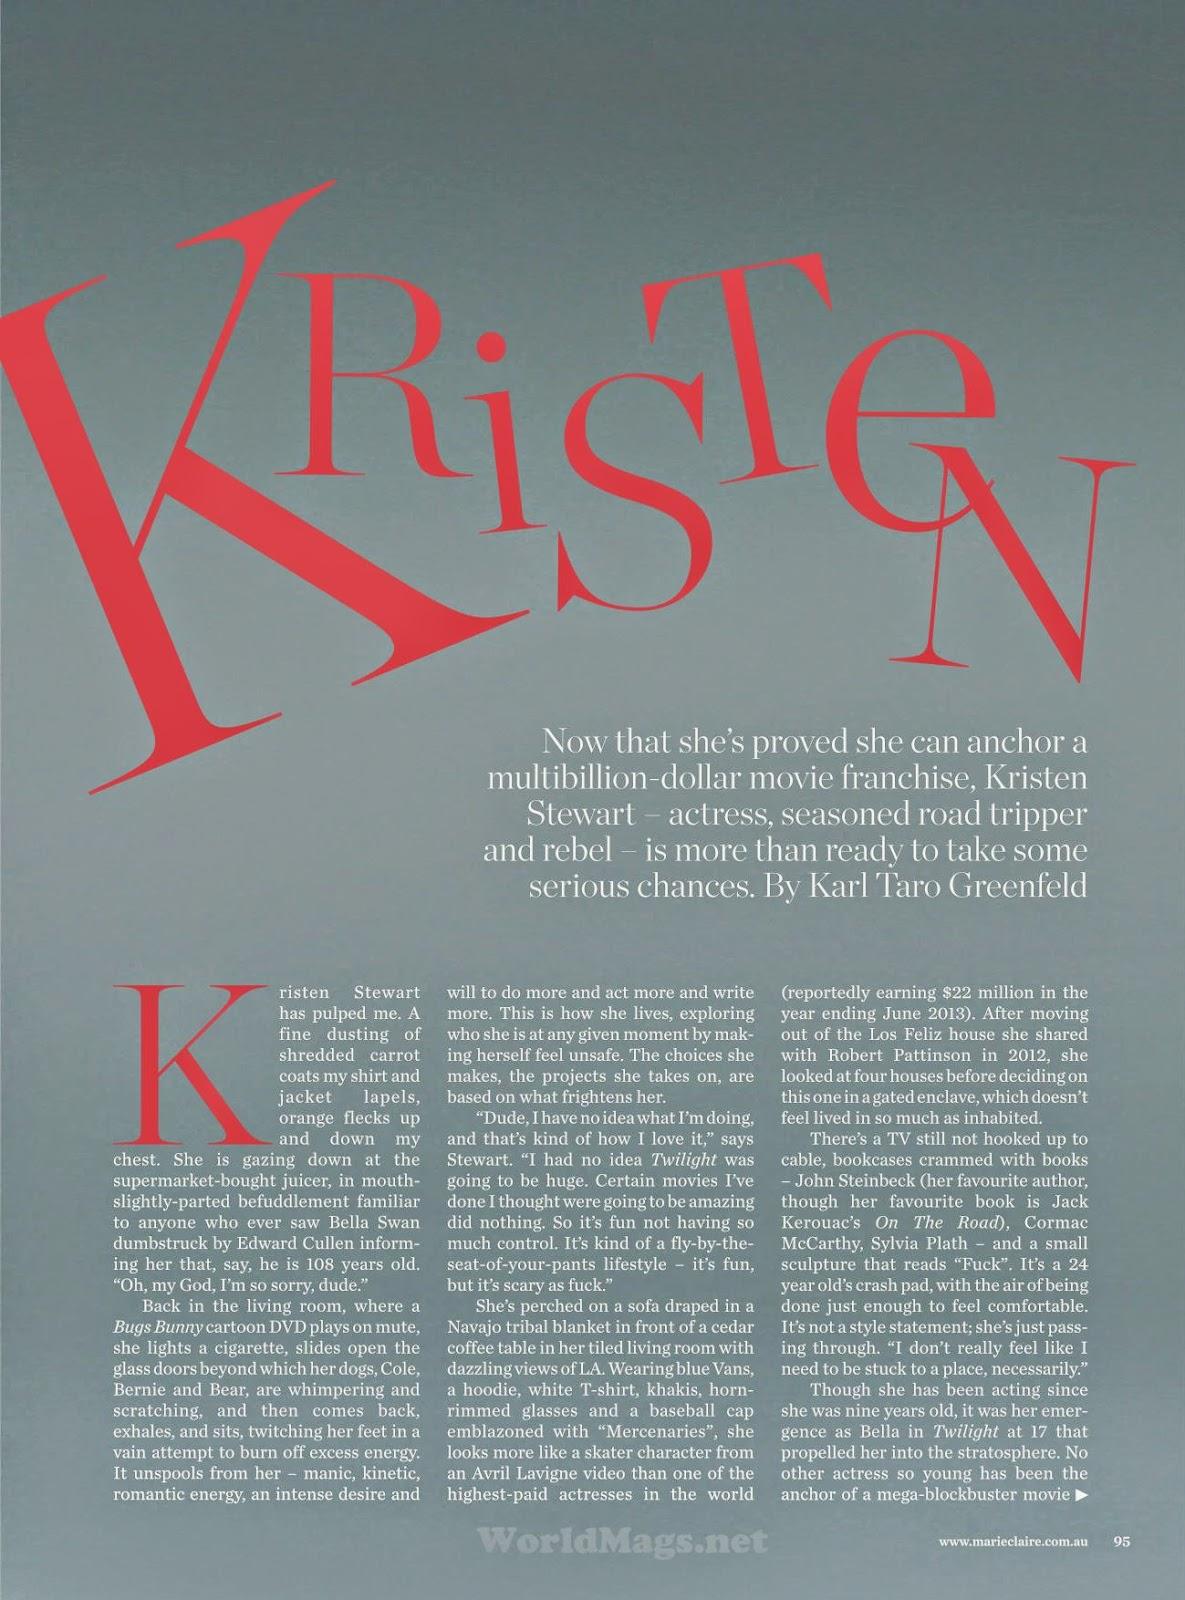 Kristen Stewart For Marie Claire Magazine, Australia, May 2014